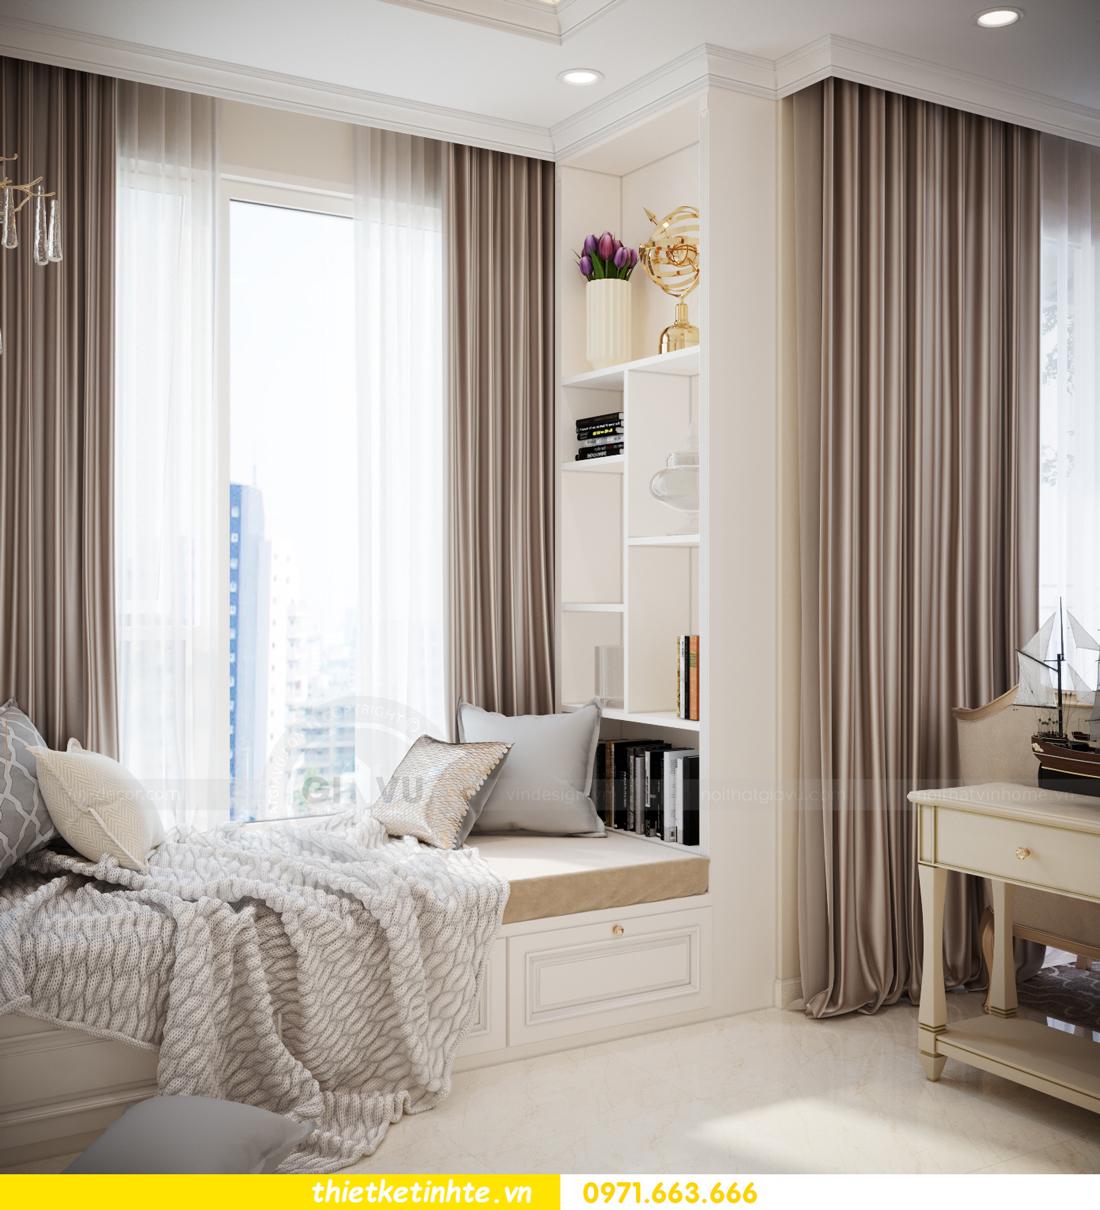 mẫu thiết kế nội thất căn hộ Smart City sang trọng, tiện nghi 5